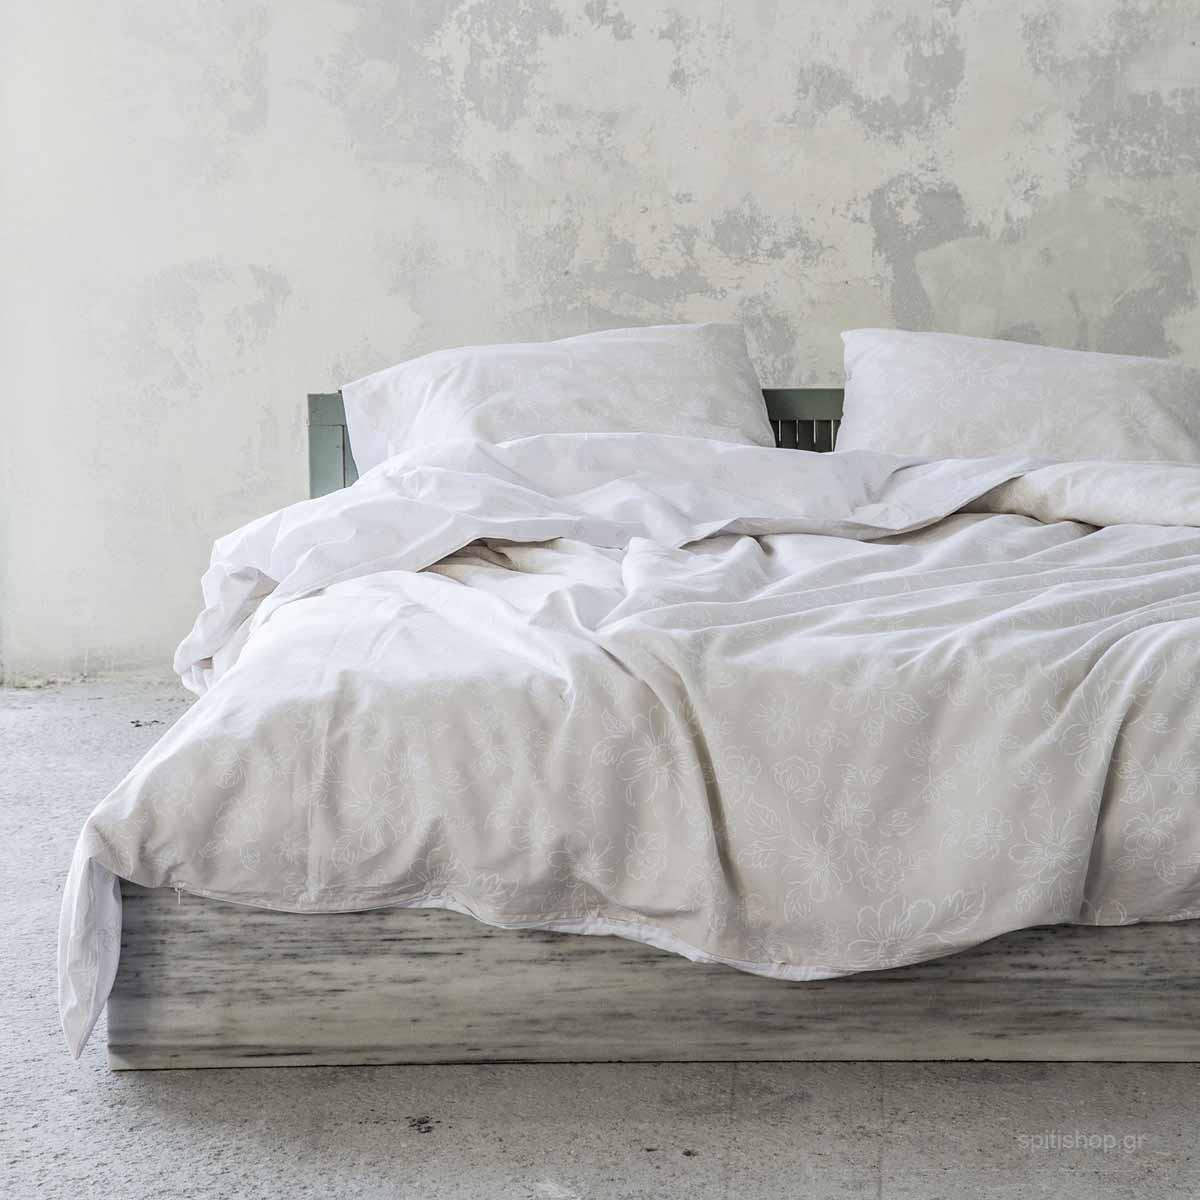 Σεντόνια Υπέρδιπλα (Σετ) Nima Bed Linen Defile Beige ΧΩΡΙΣ ΛΑΣΤΙΧΟ ΧΩΡΙΣ ΛΑΣΤΙΧΟ